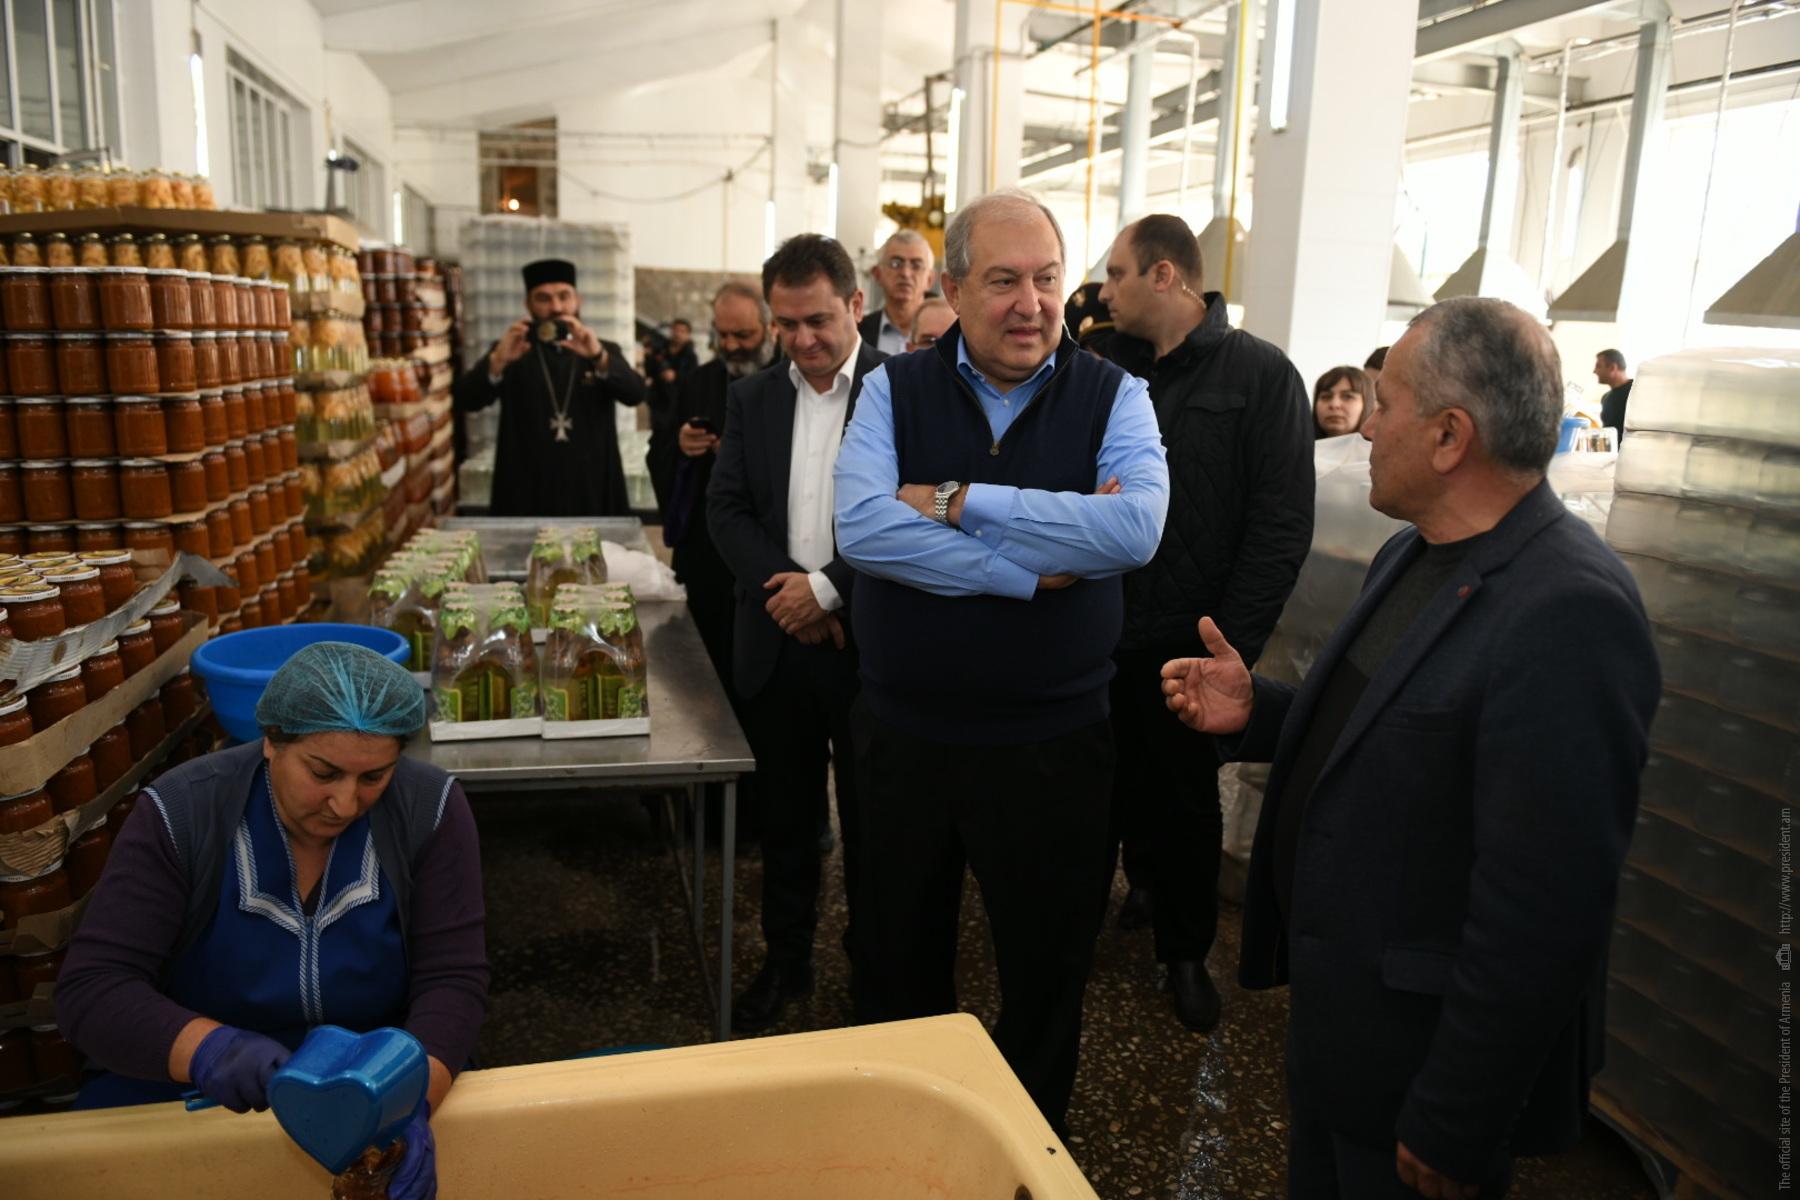 Նախագահ Սարգսյանն այցելել է Eco Garden Corporation գյուղմթերքի վերամշակման ձեռնարկություն